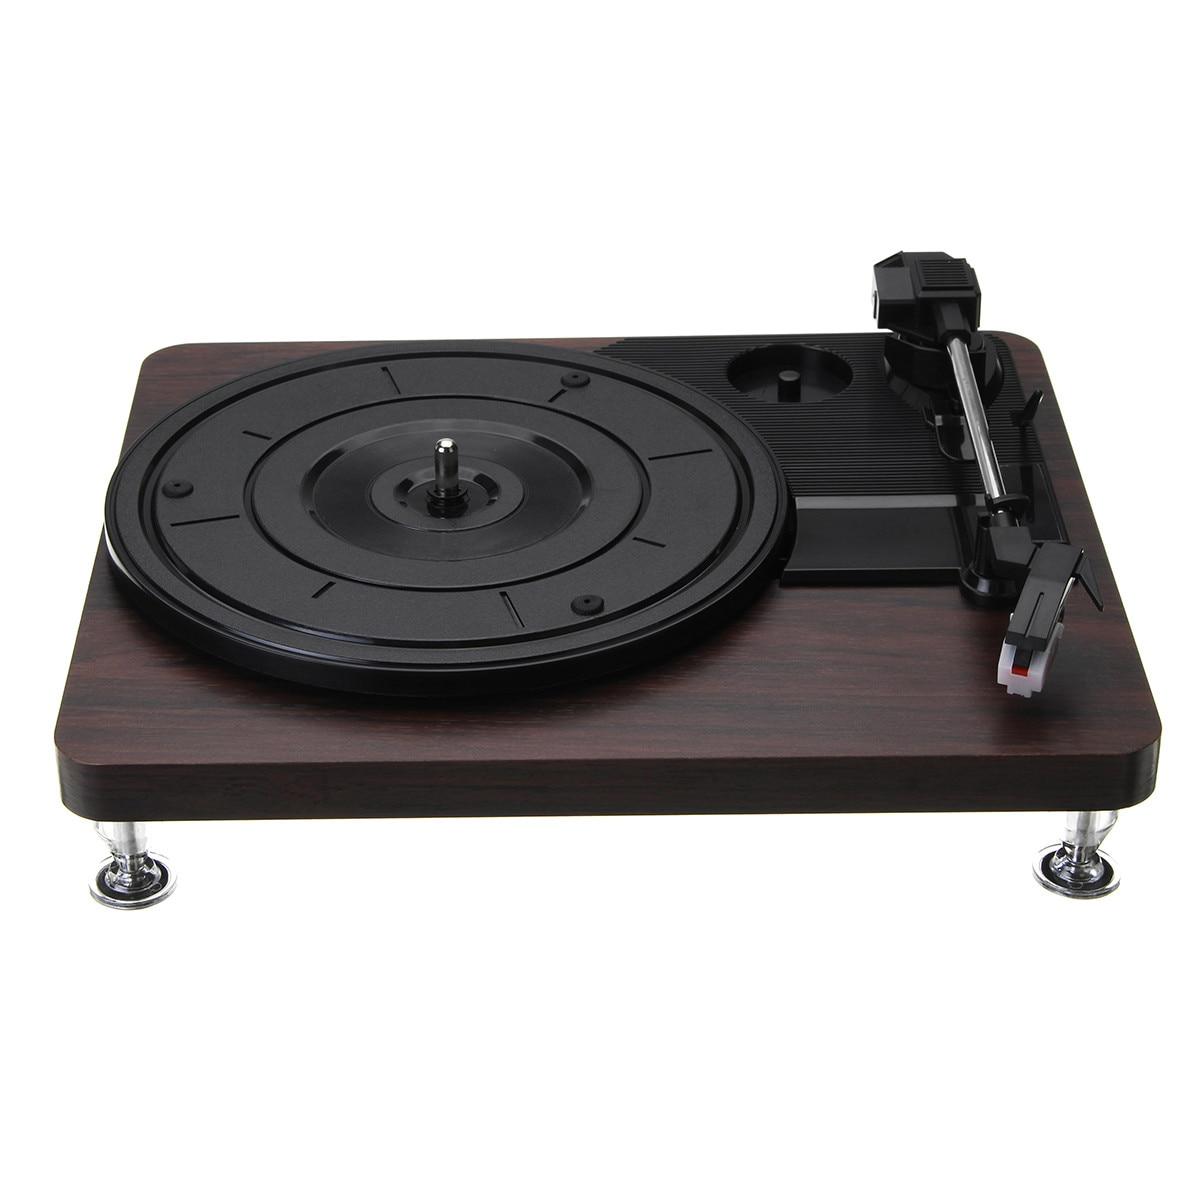 Chats 33 tr/min disque plastique rétro lecteur Portable Audio Gramophone tourne-disque vinyle Audio Rca R/L 3.5 Mm sortie Usb Dc 5 V